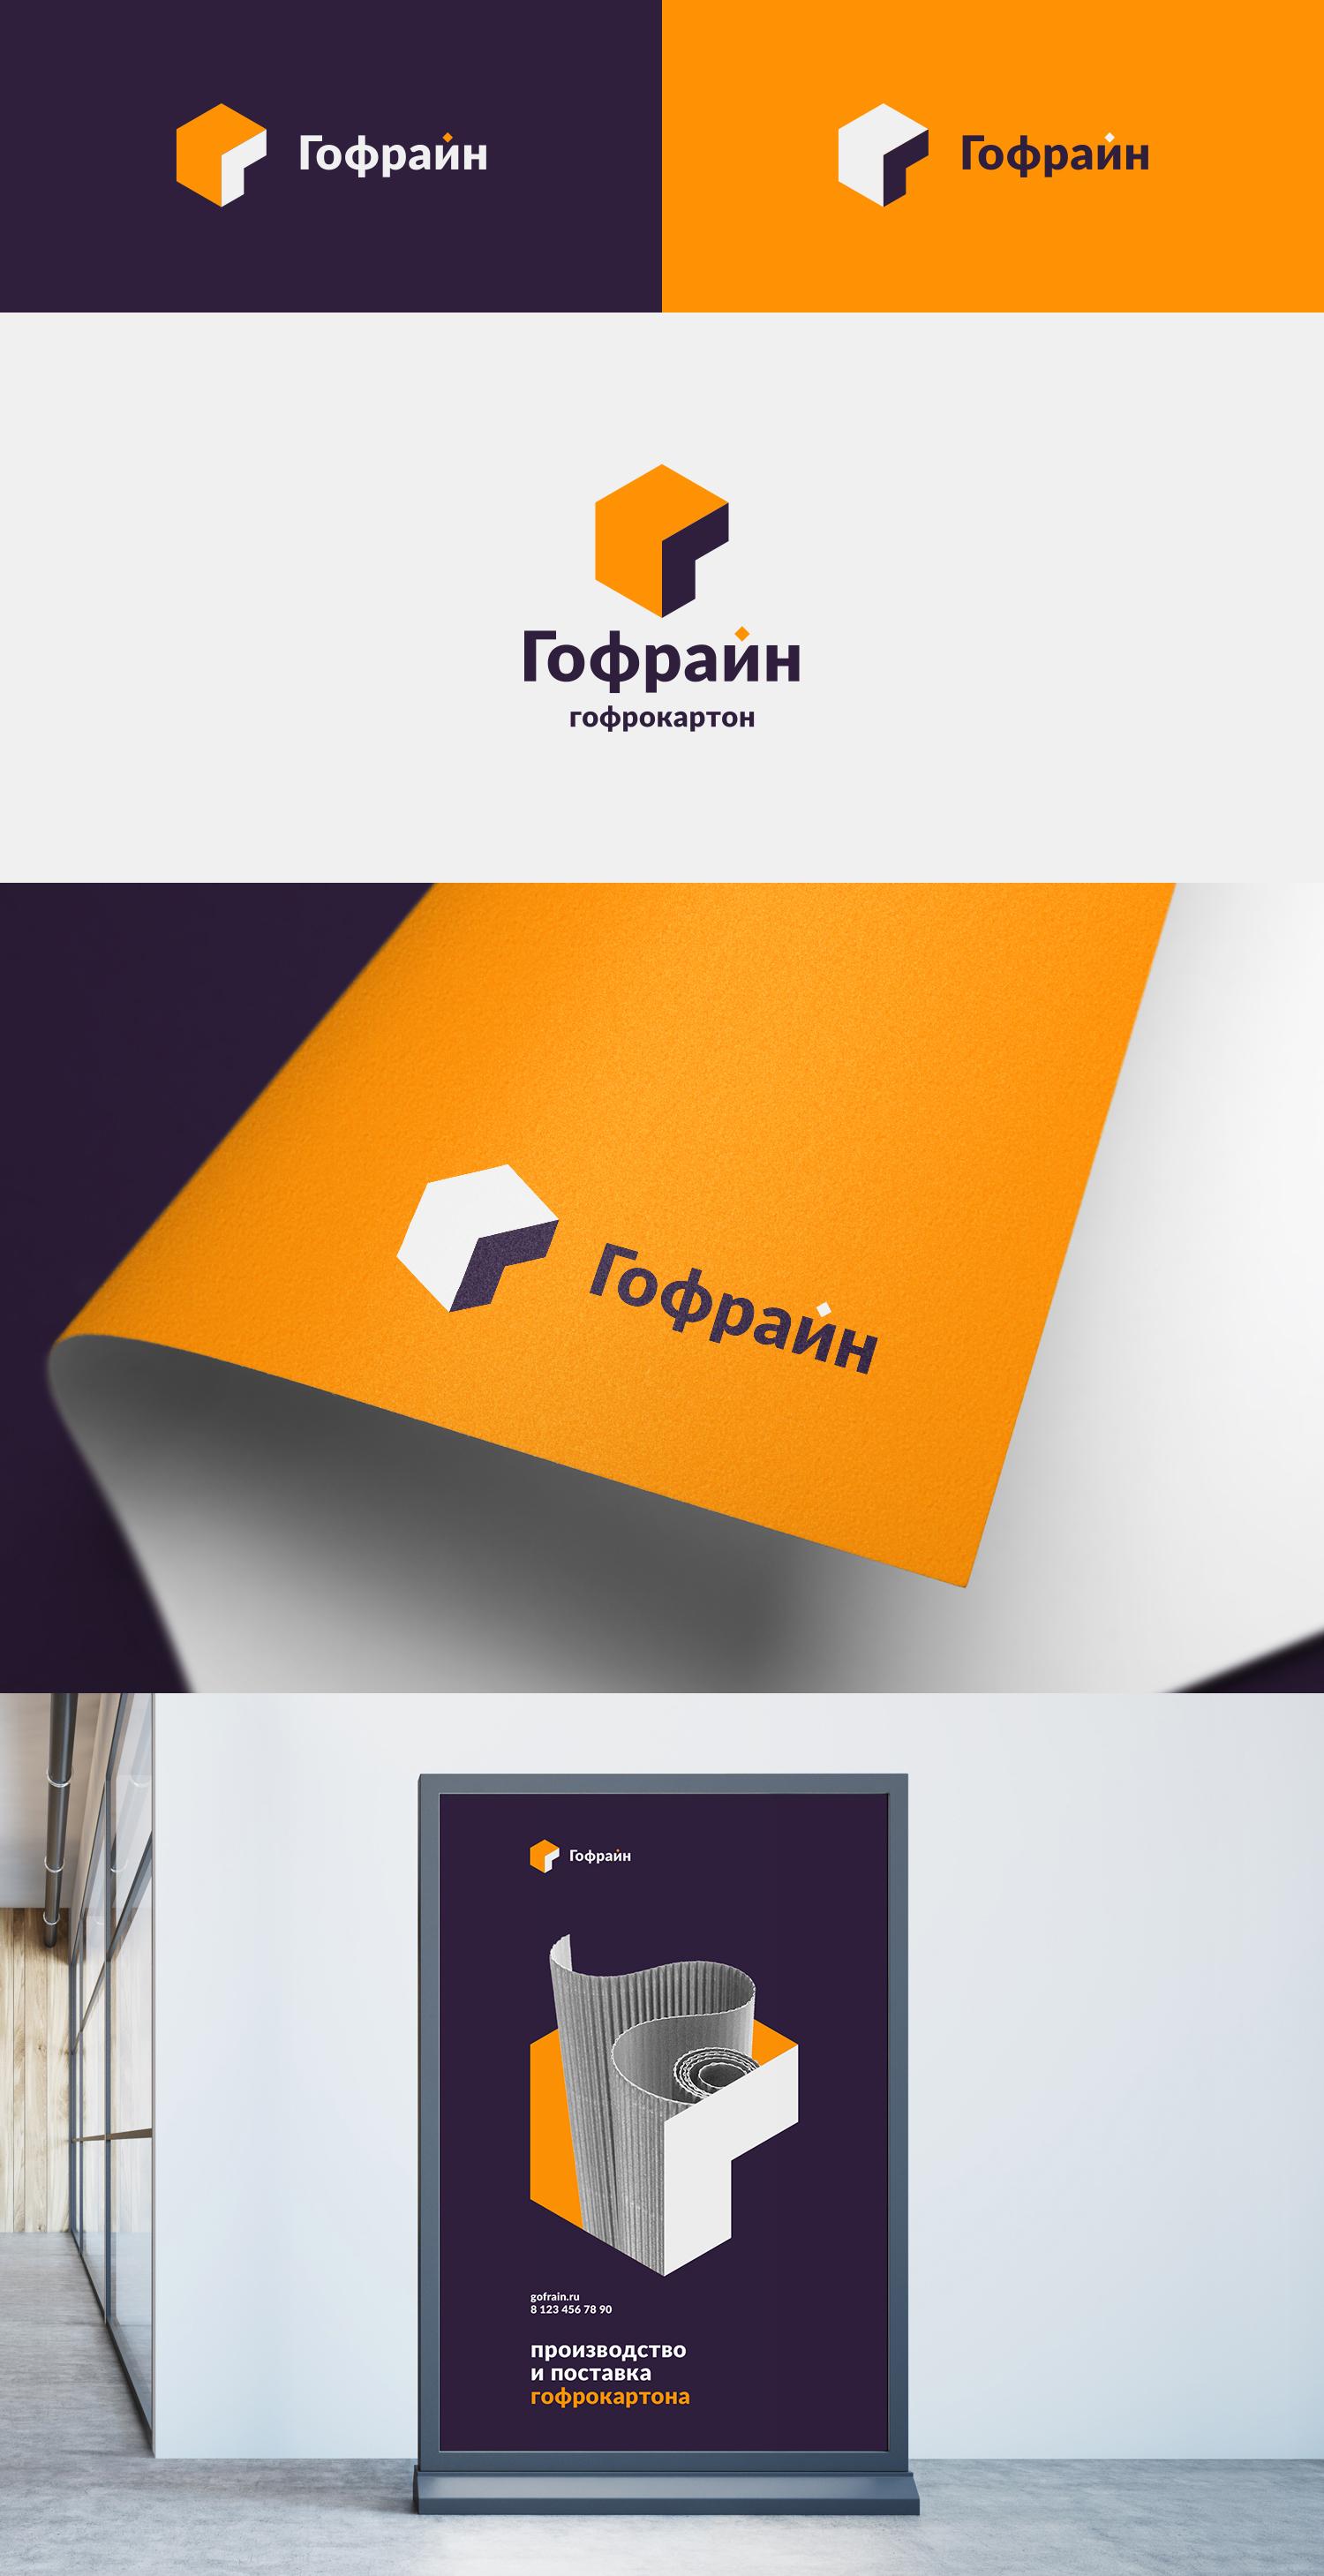 Логотип для компании по реализации упаковки из гофрокартона фото f_2615cdda32f2cec8.jpg